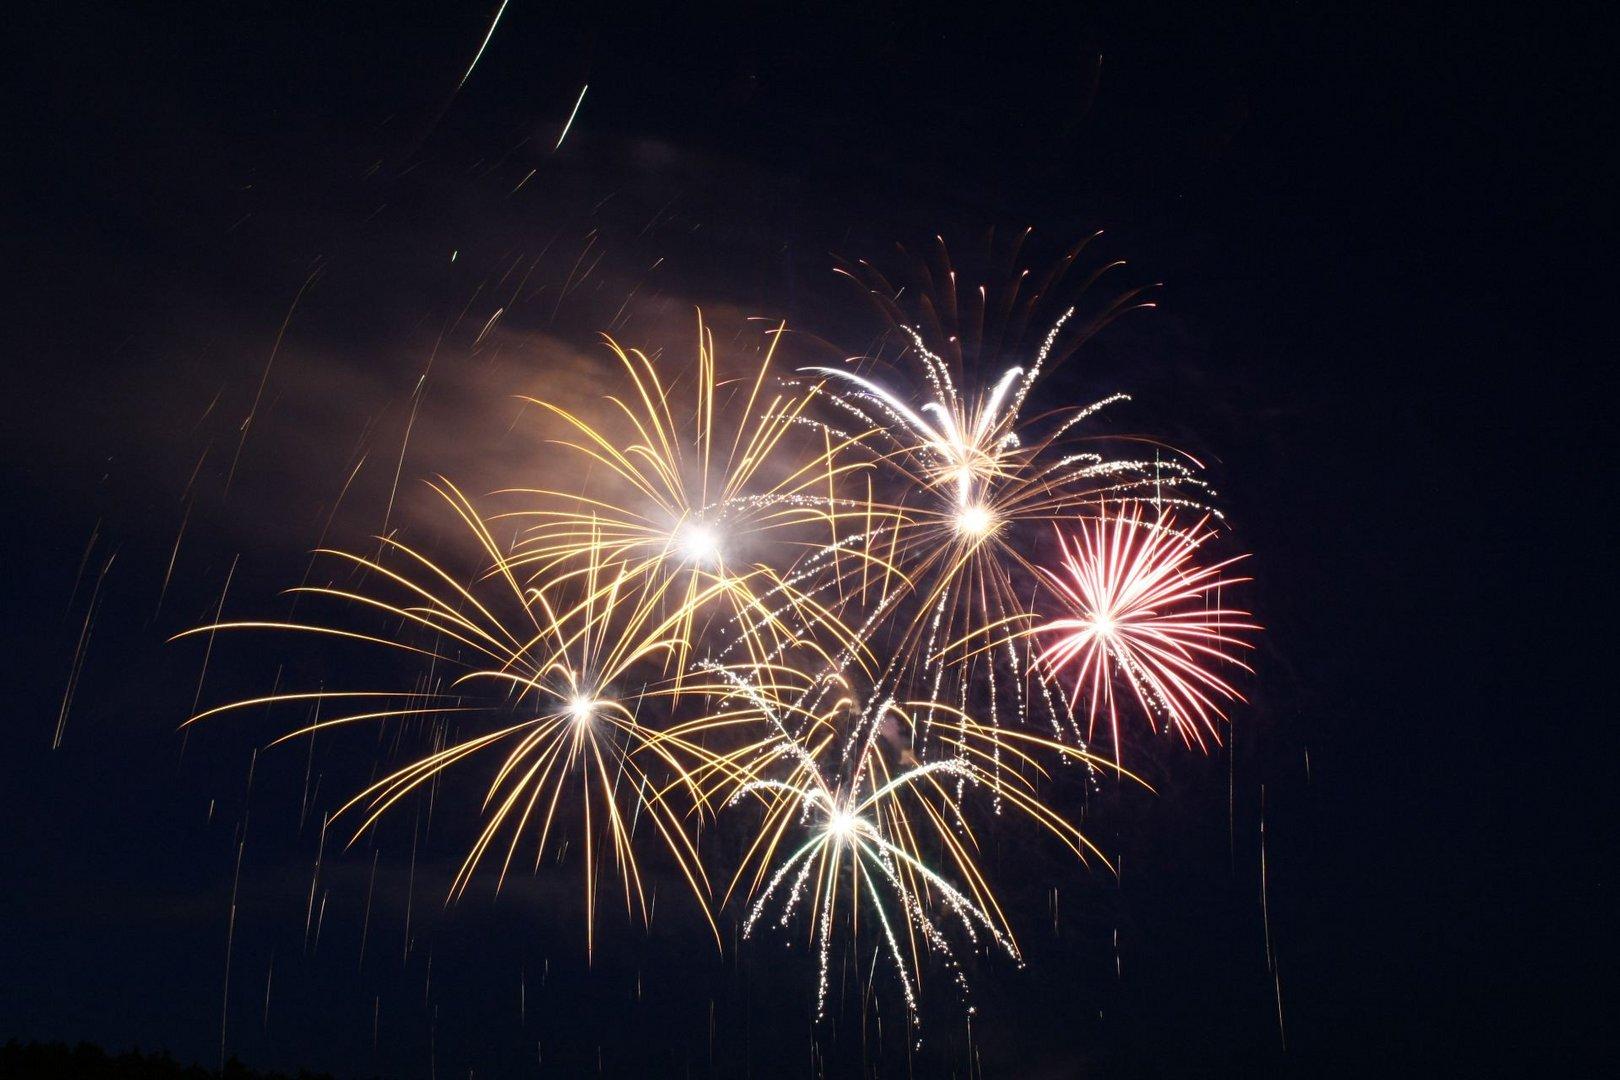 Das 2. Mal Feuerwerk fotografiert